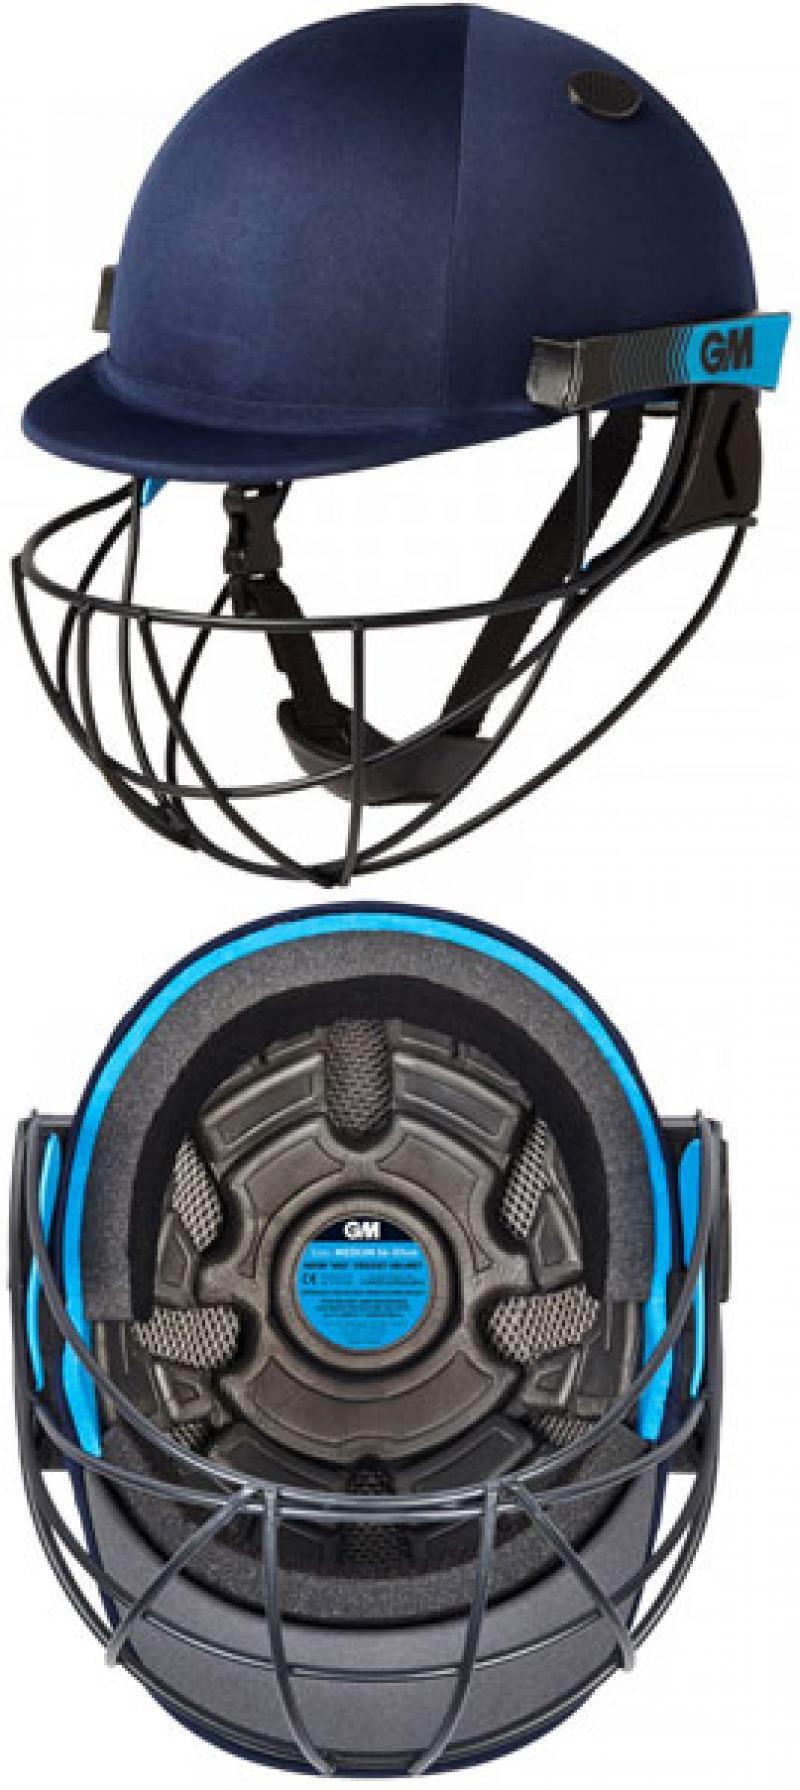 Gunn and Moore Neon Geo Helmet